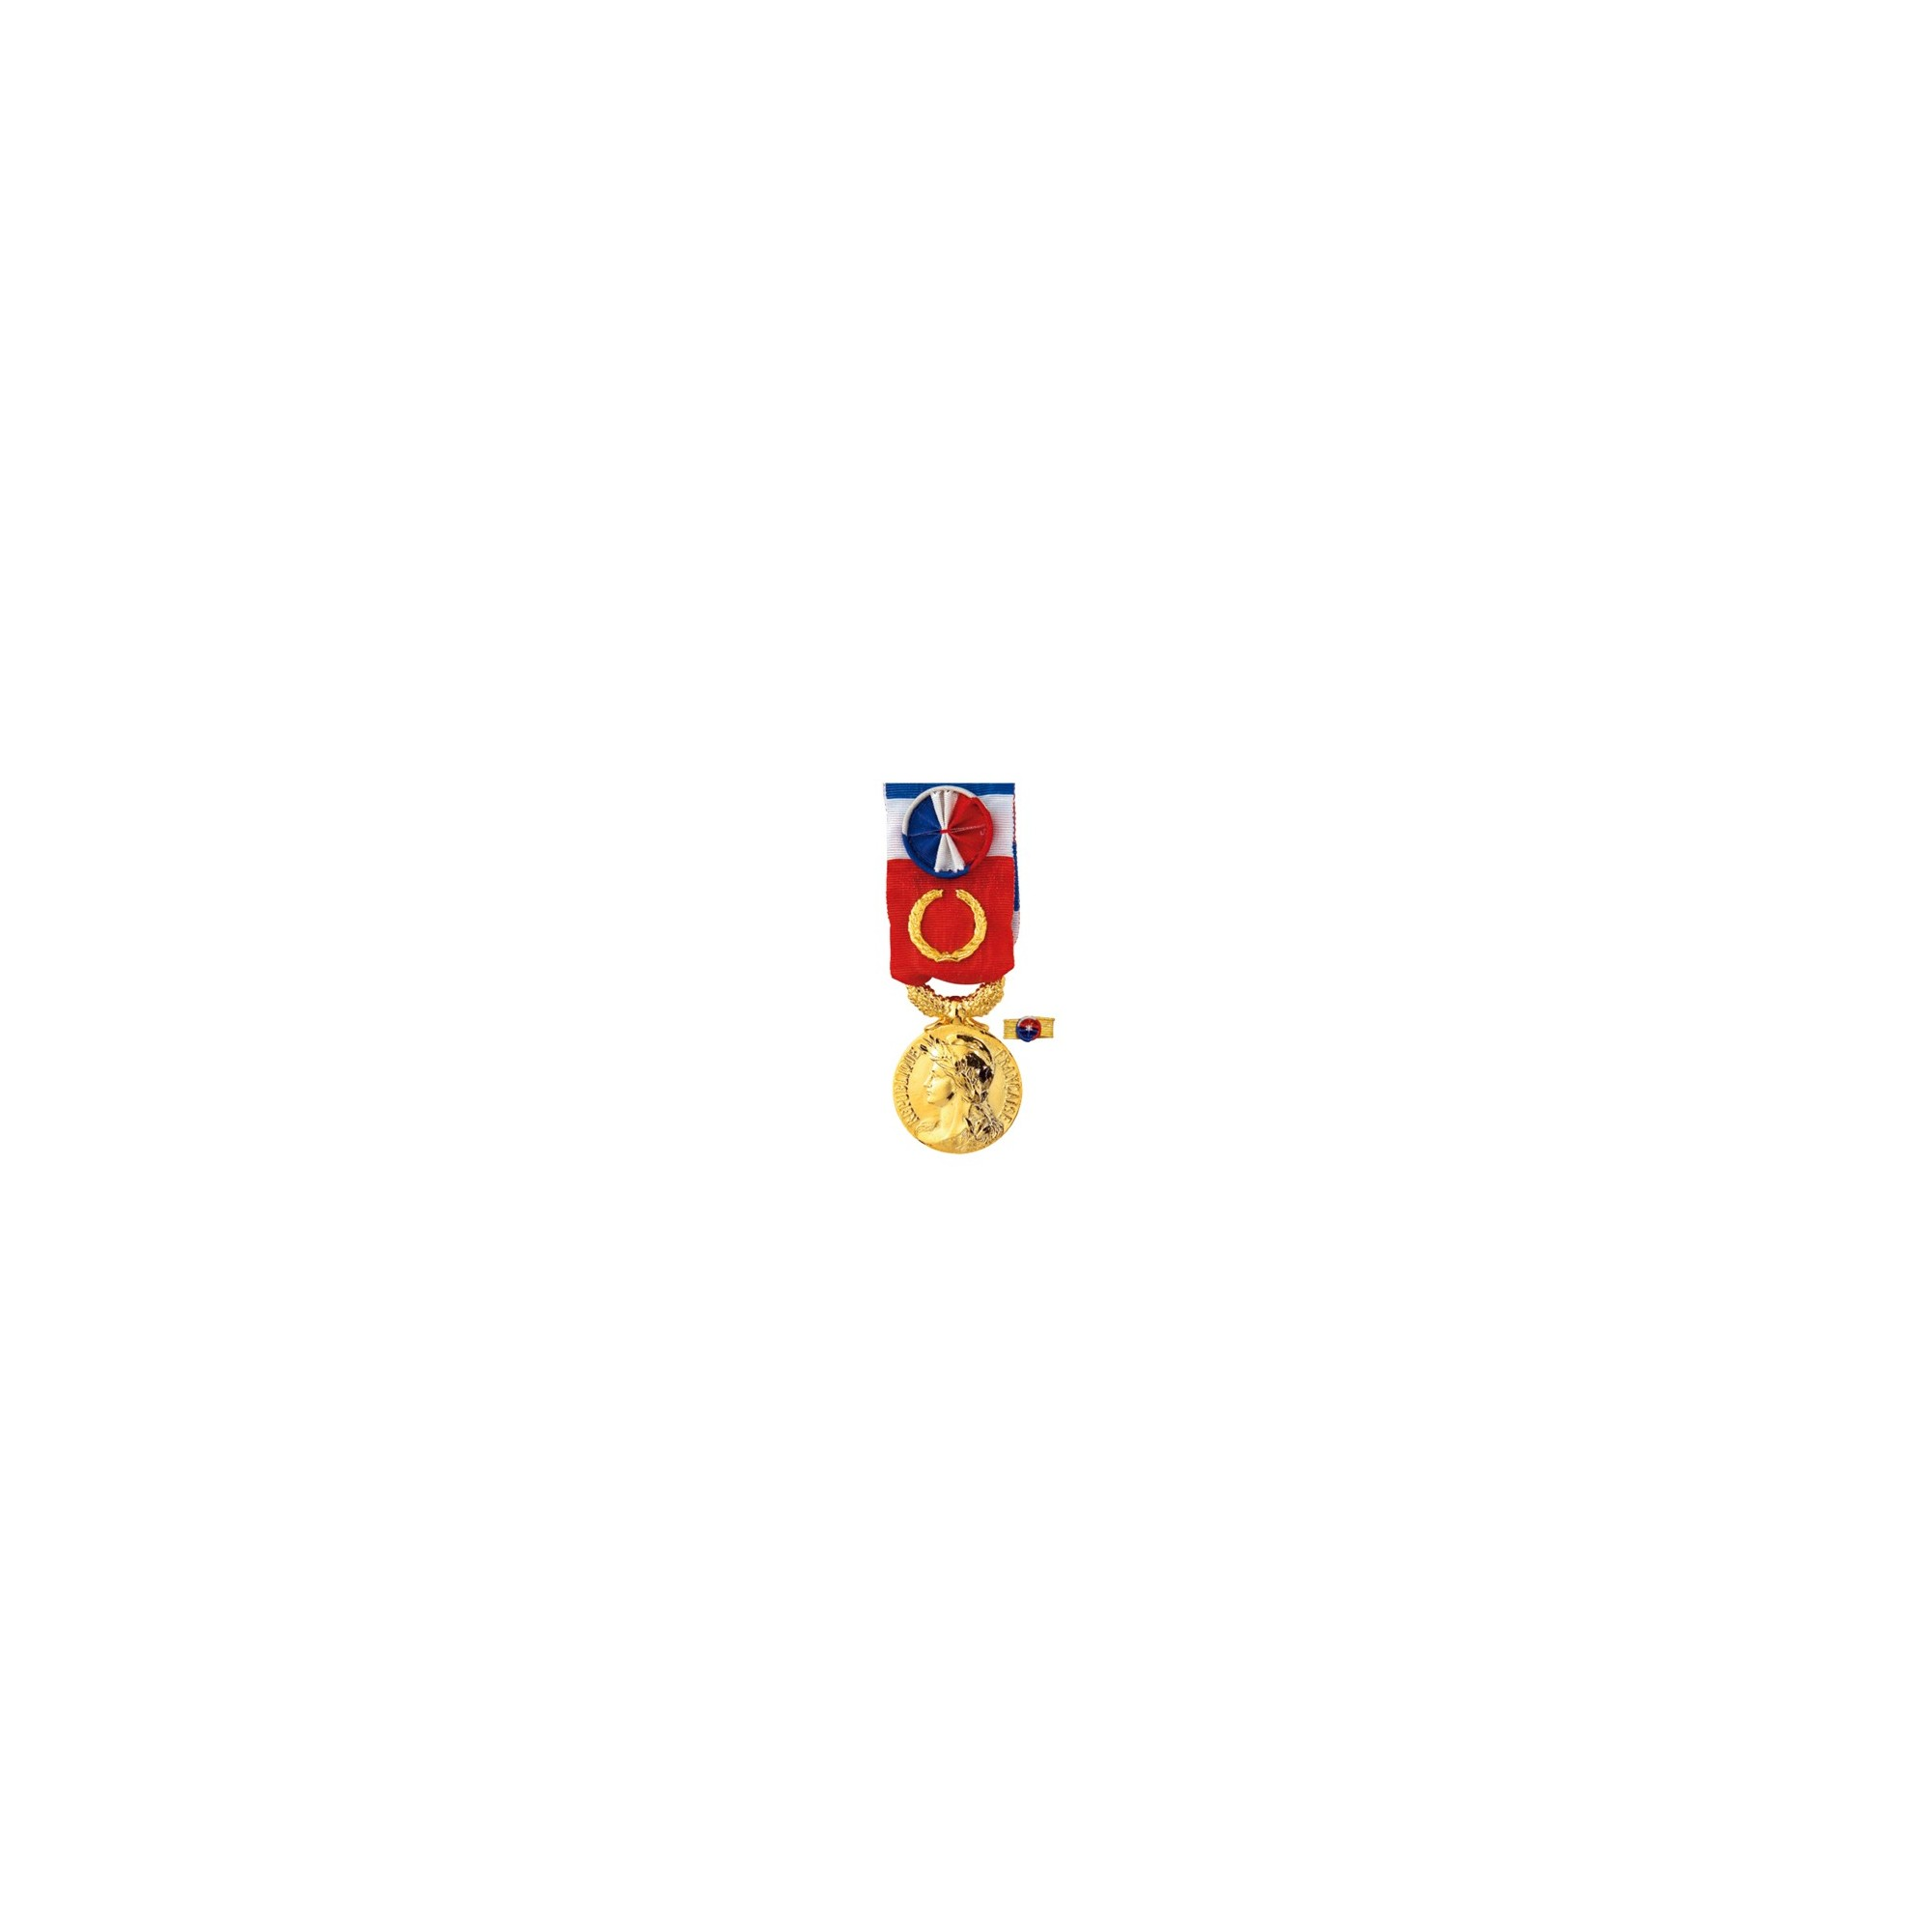 Médaille d'Honneur du Travail - Grand Or